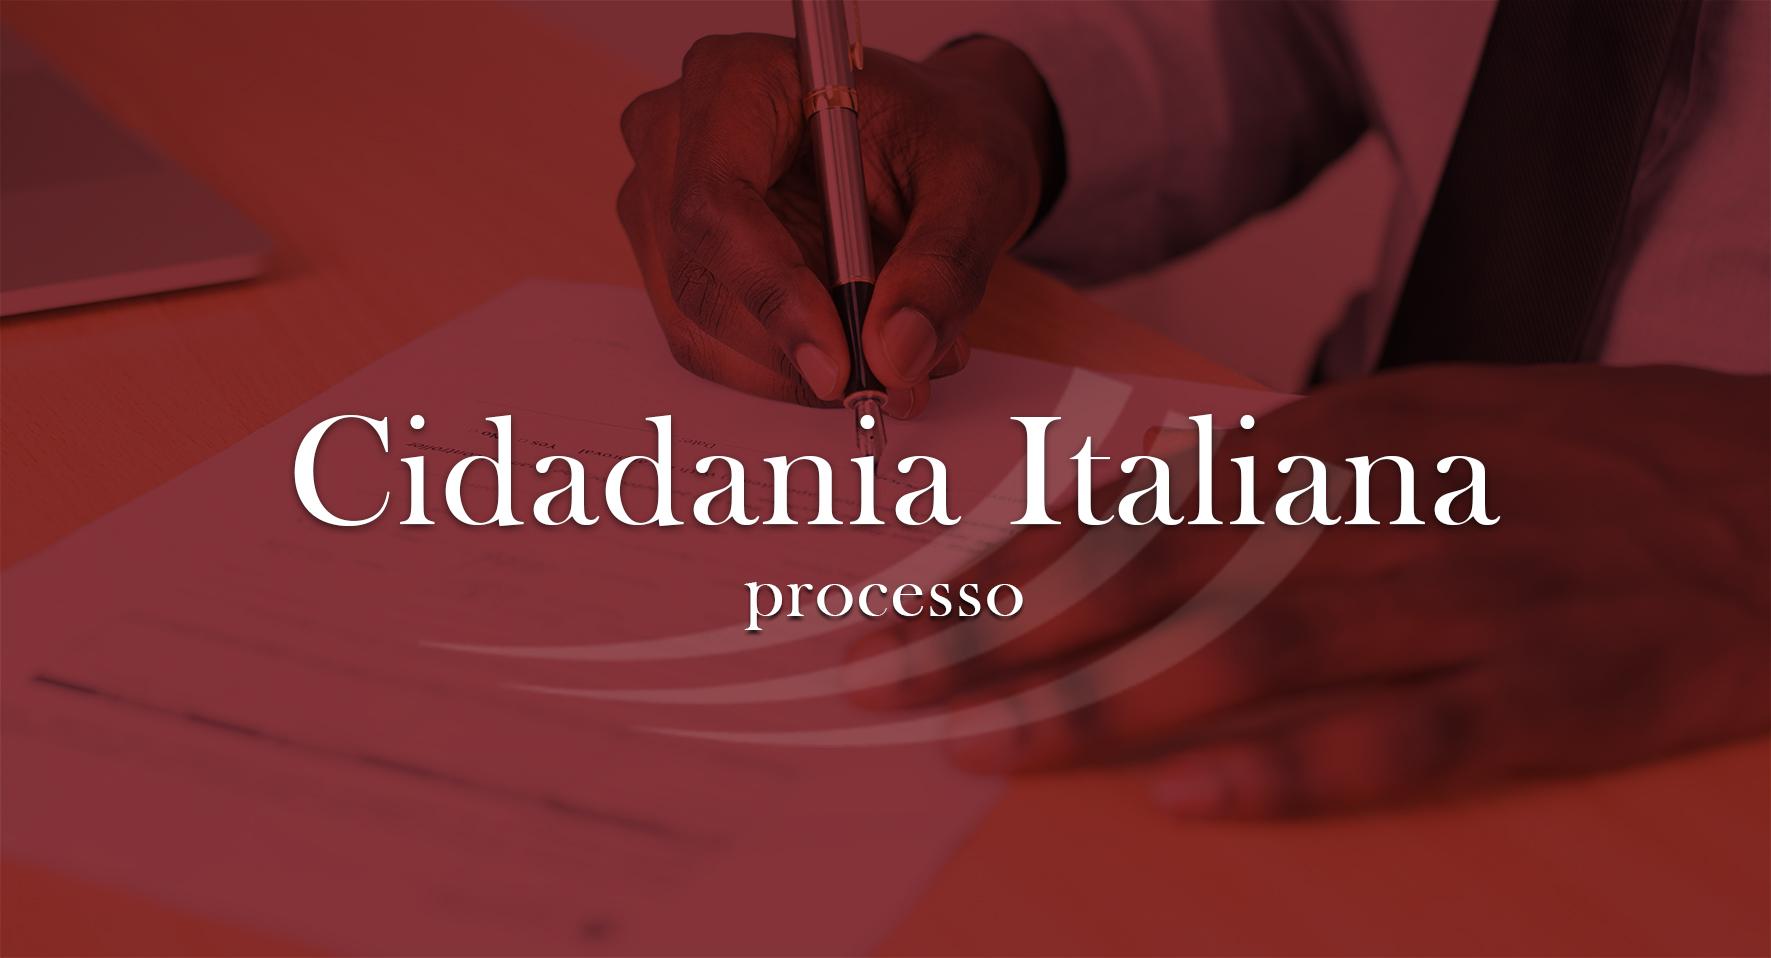 Entenda como conseguir a cidadania italiana